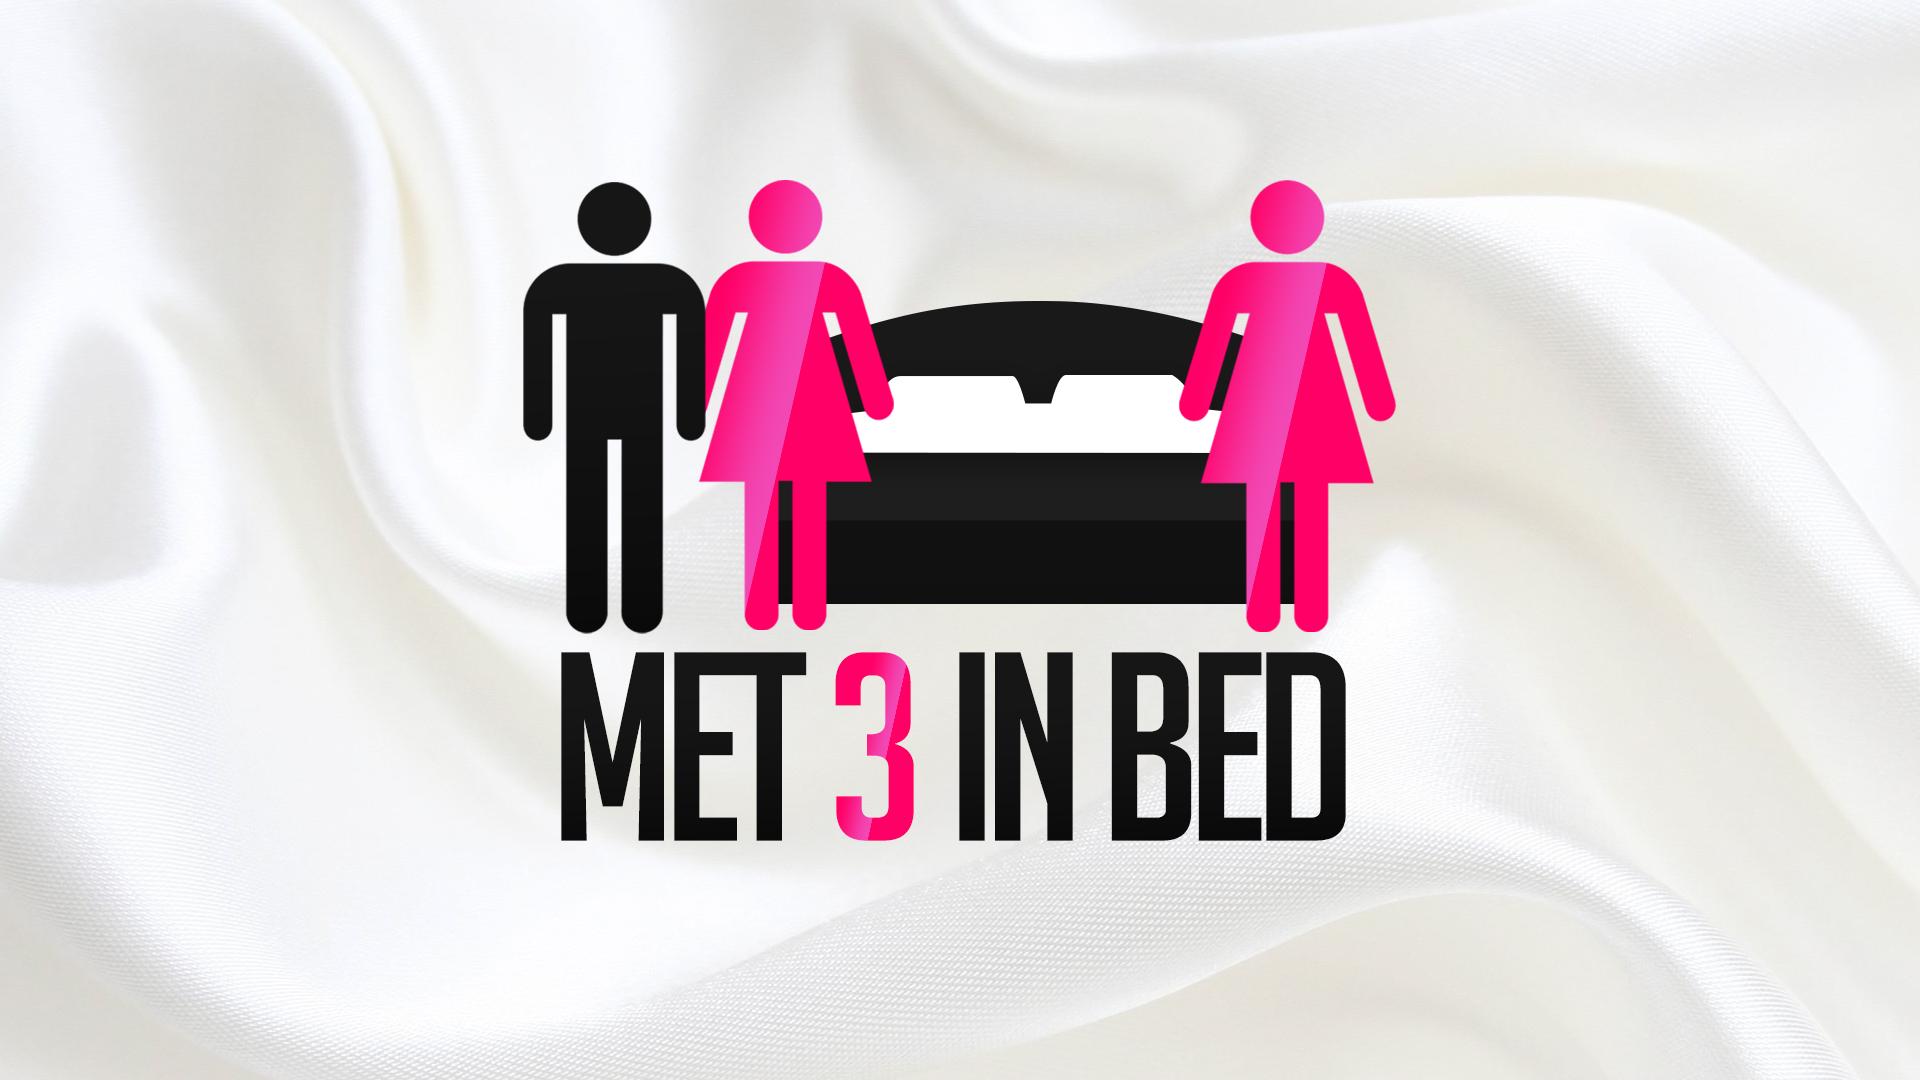 Geile foto van de hete Secret Circle seksfilm: Met 3 in bed